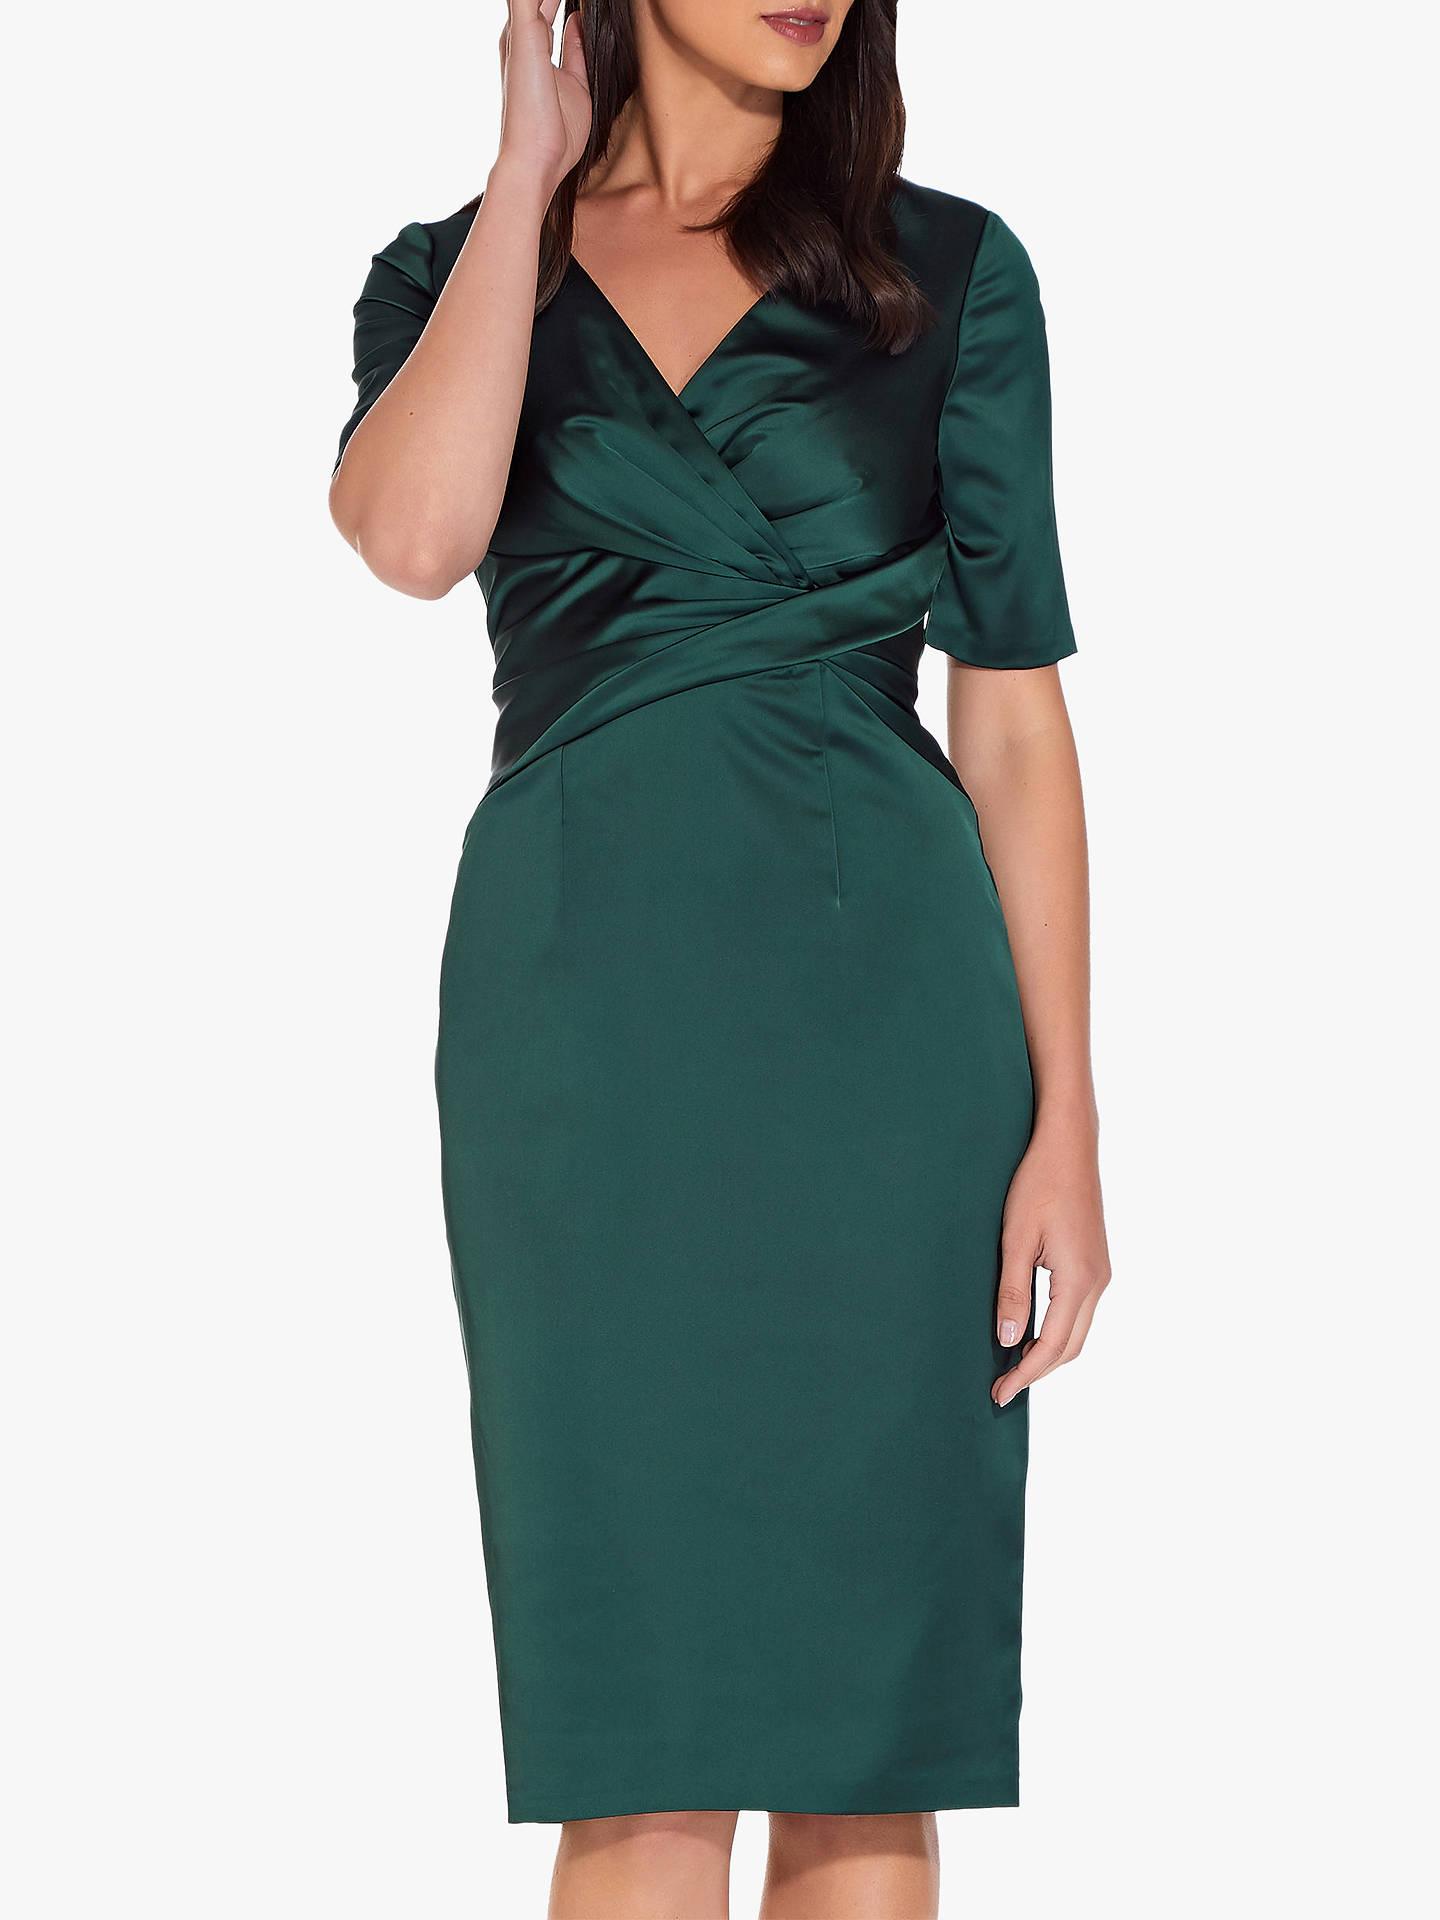 15e3d52da07 Adrianna Papell Satin Wrap Cocktail Dress, Forest Green